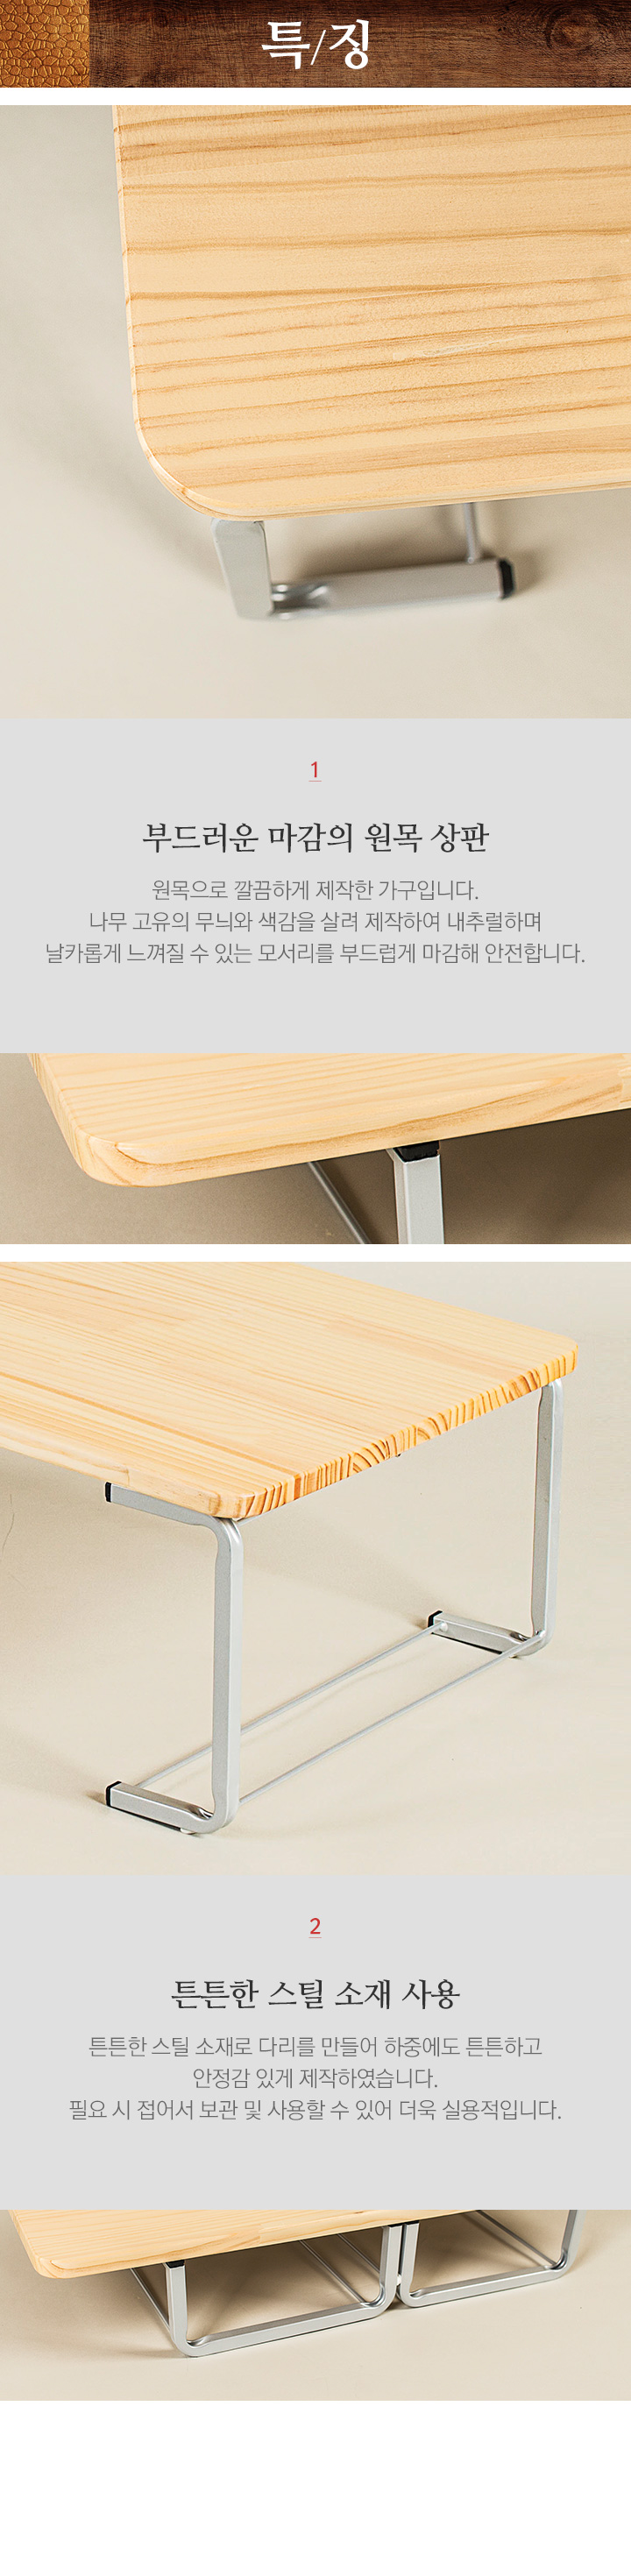 론조 원목 접이식 테이블 - 인우드, 65,920원, 거실 테이블, 소파테이블